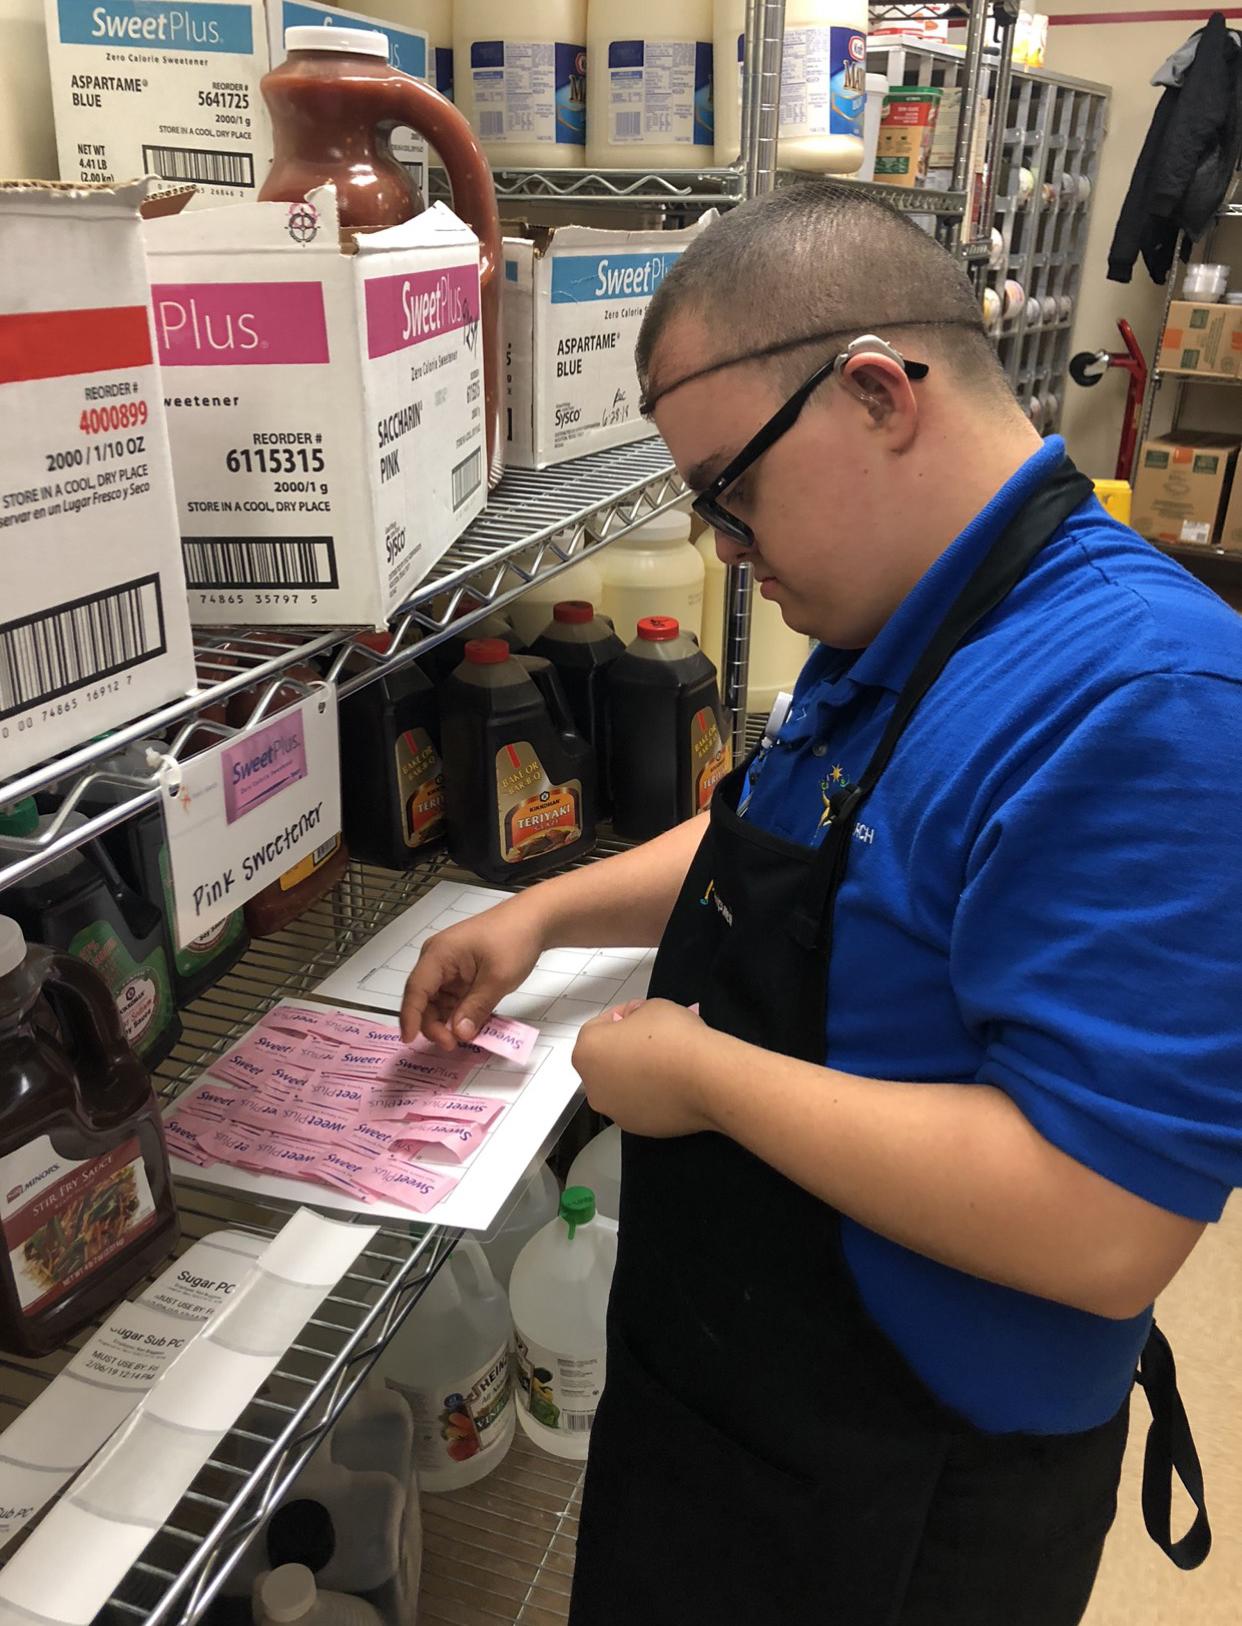 Man sorting sugar packets